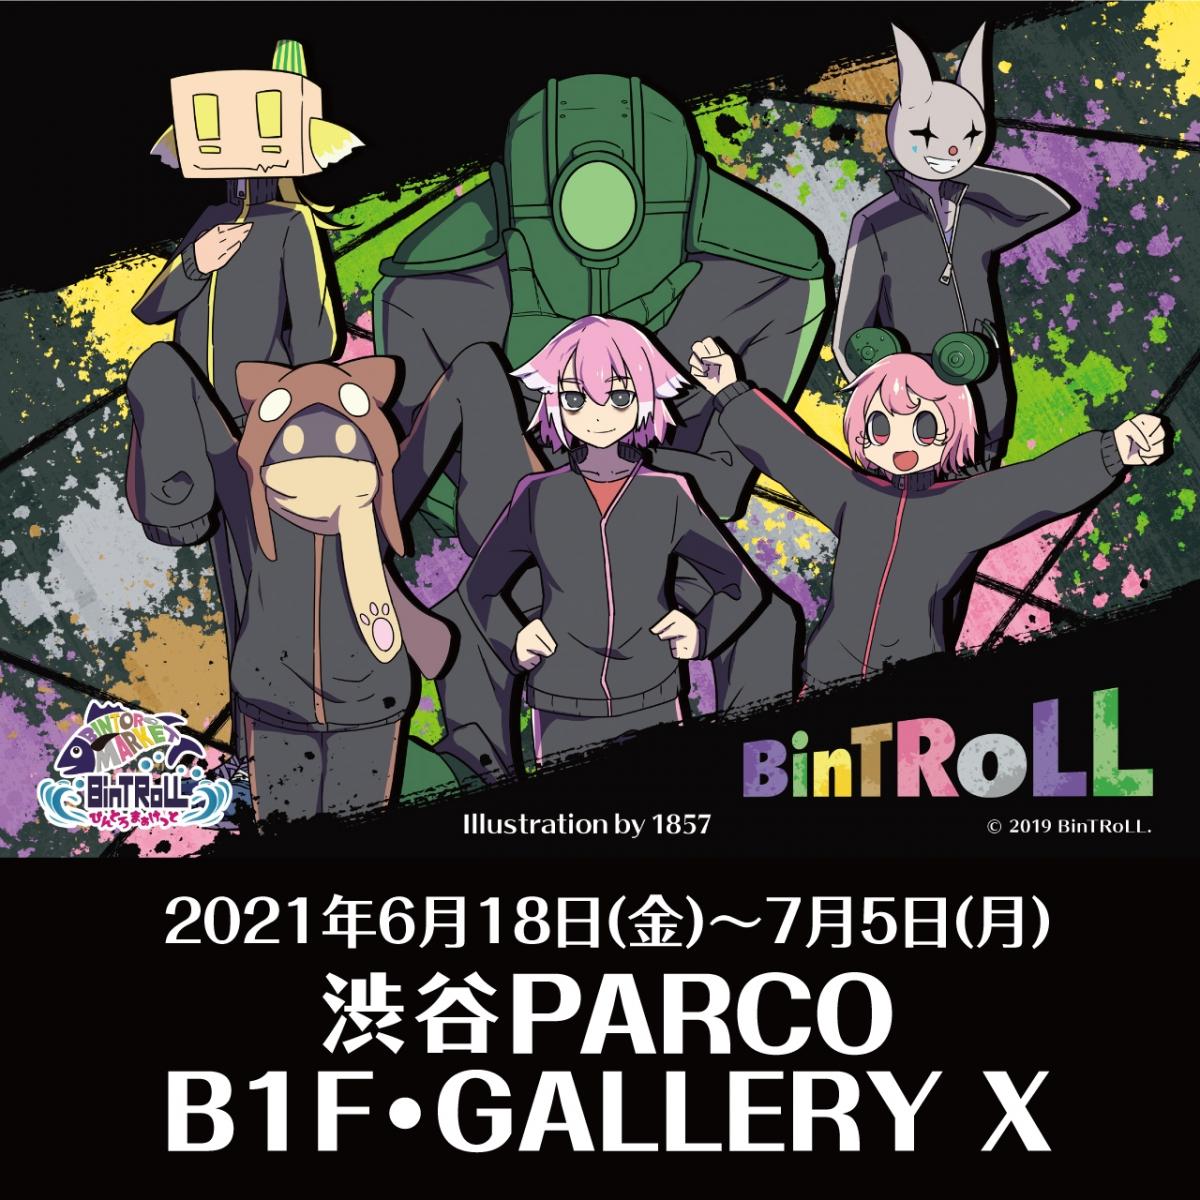 6/21(月)入場予約チケット(先着・無料) BinTRoLL『びんとろまぁけっと』in 渋谷PARCO